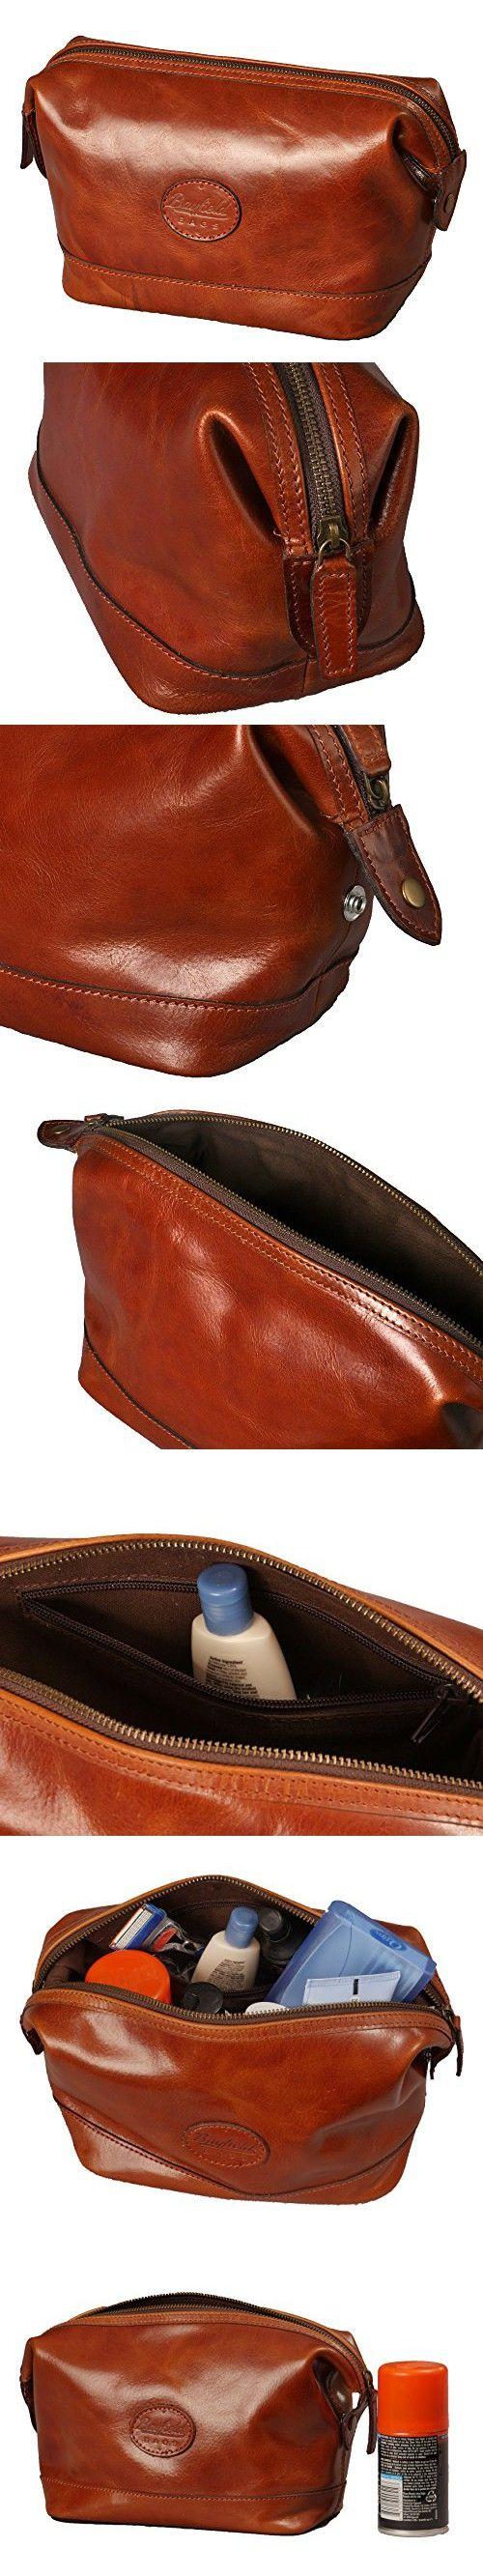 8b01cc1efaa Leather Toiletry Bag for Men – Zippered Dopp Kit Organizer – Brown Travel  Shaving Kit Case